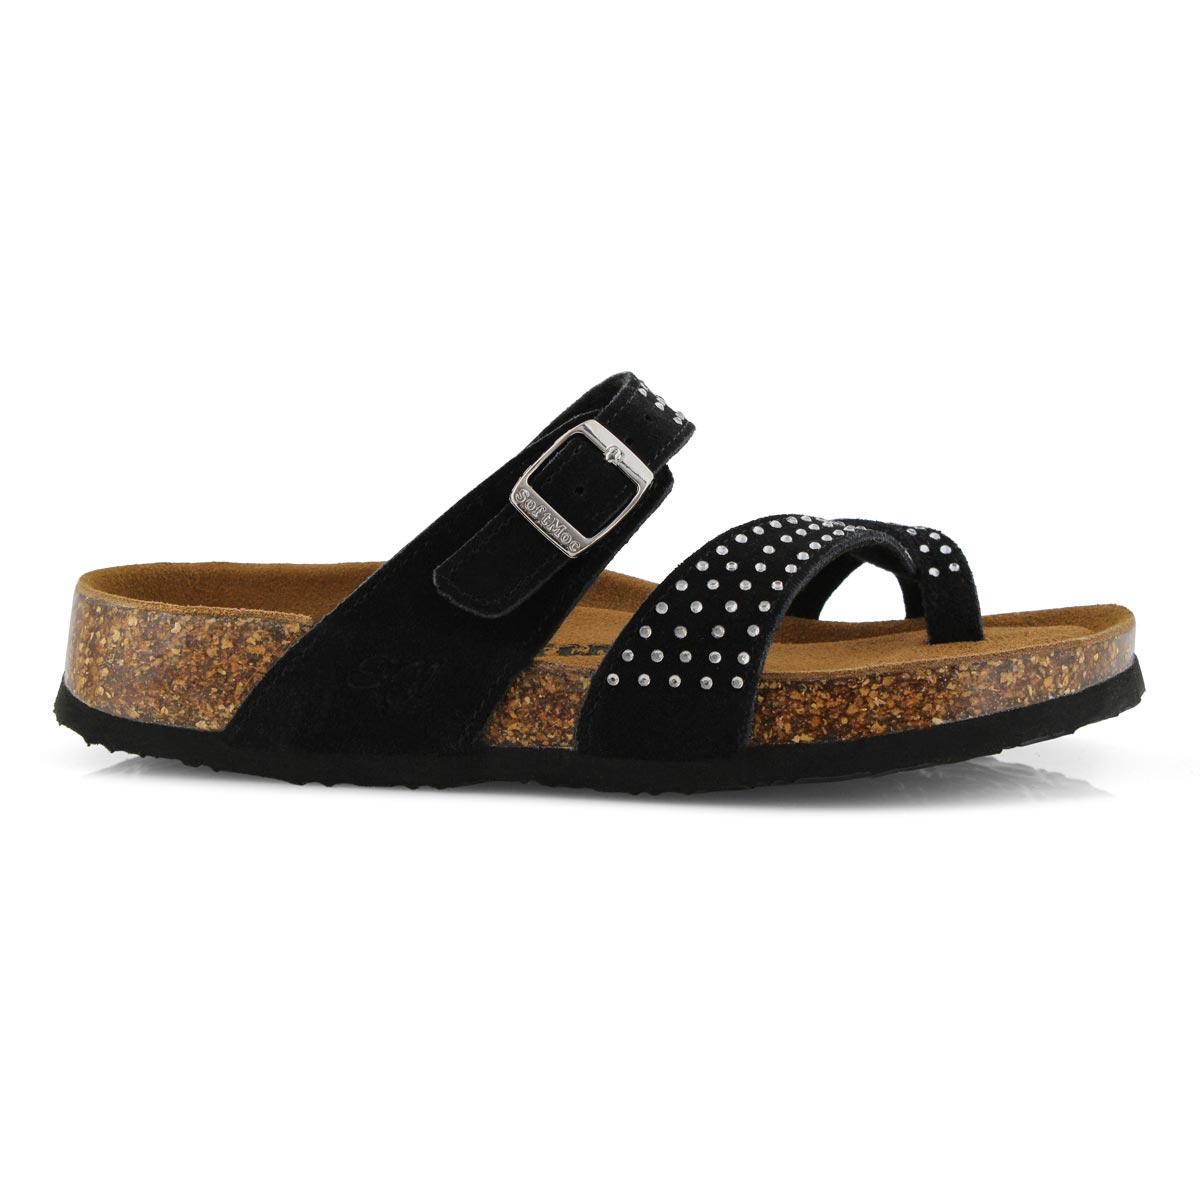 Lds Alicia 5 Bling blk mem foam sandal